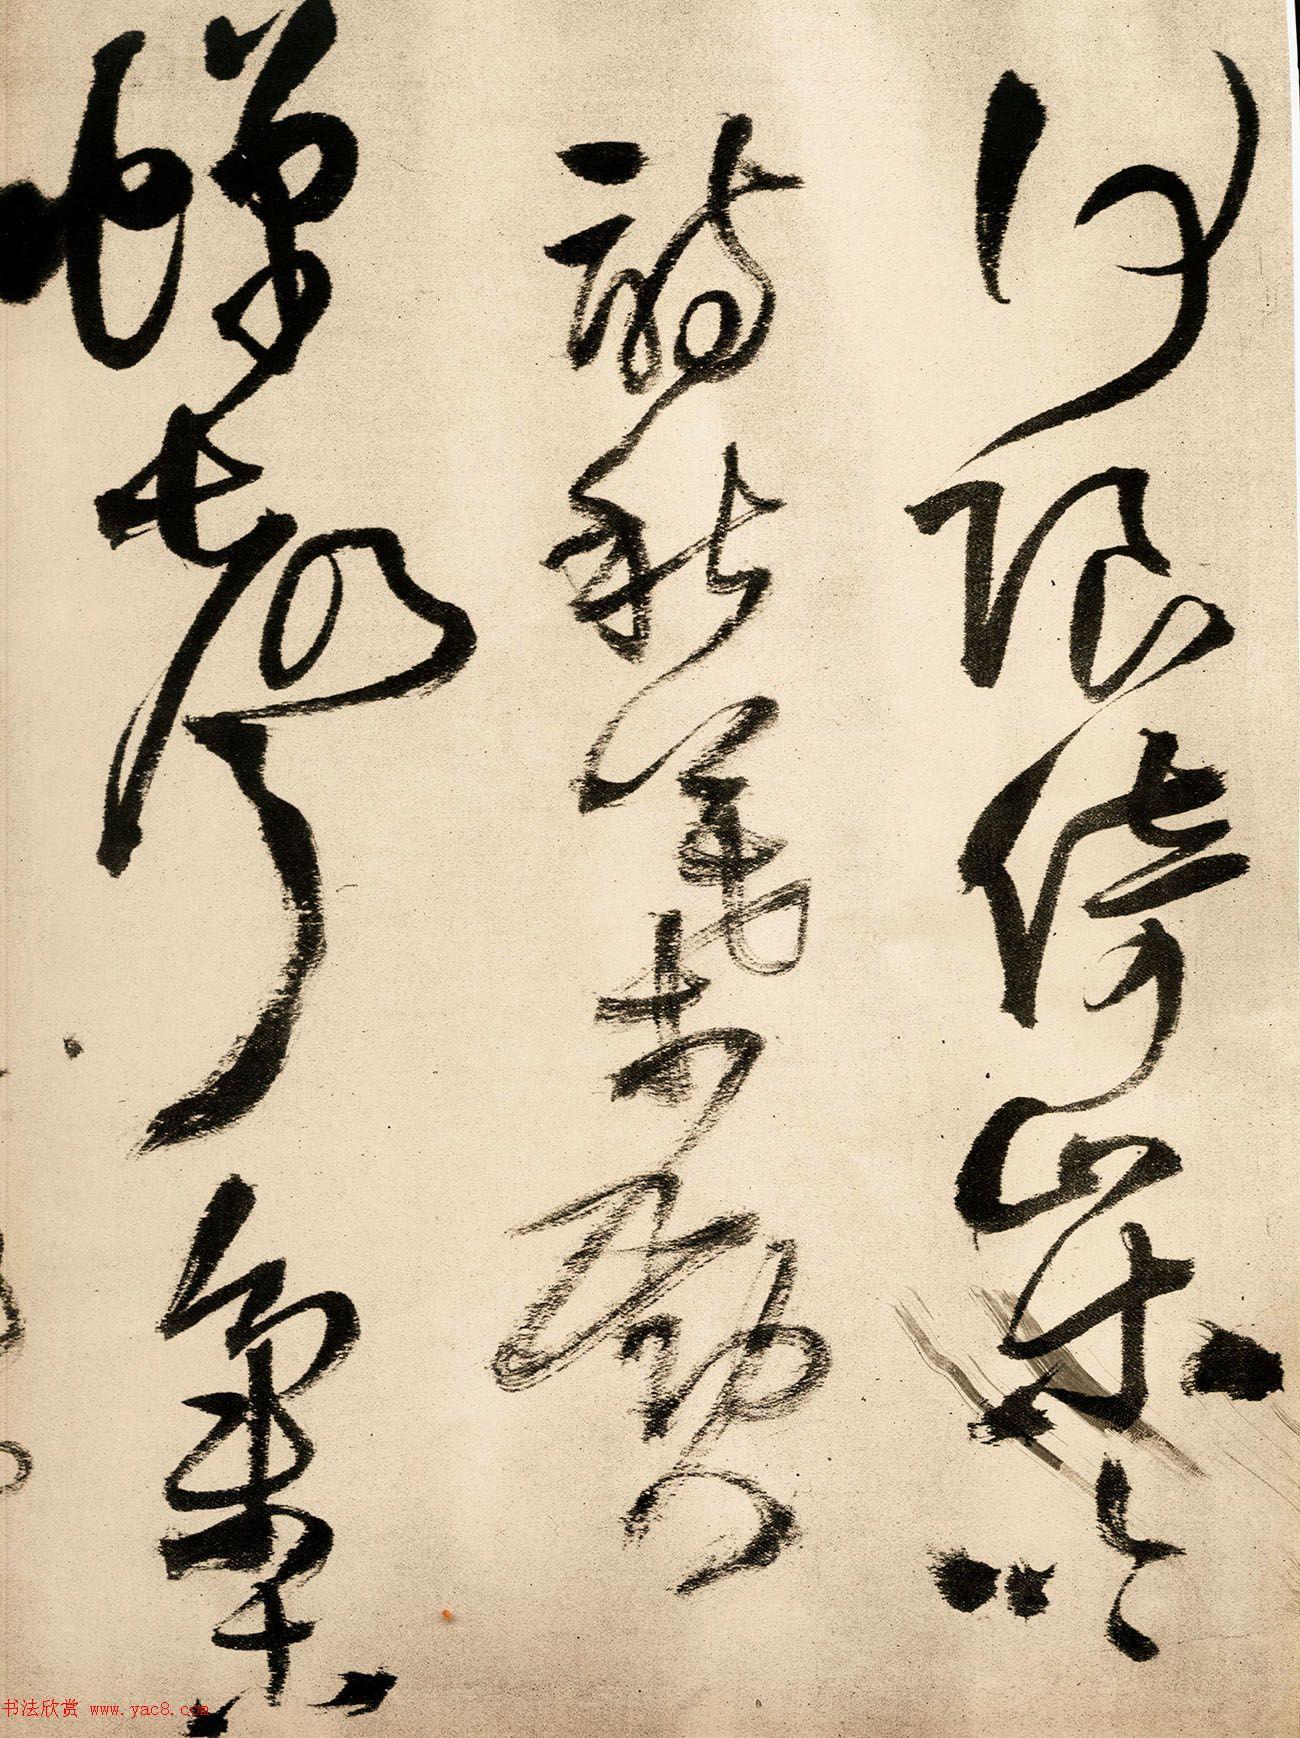 王铎55岁草书手卷《杜甫五言律诗四首》